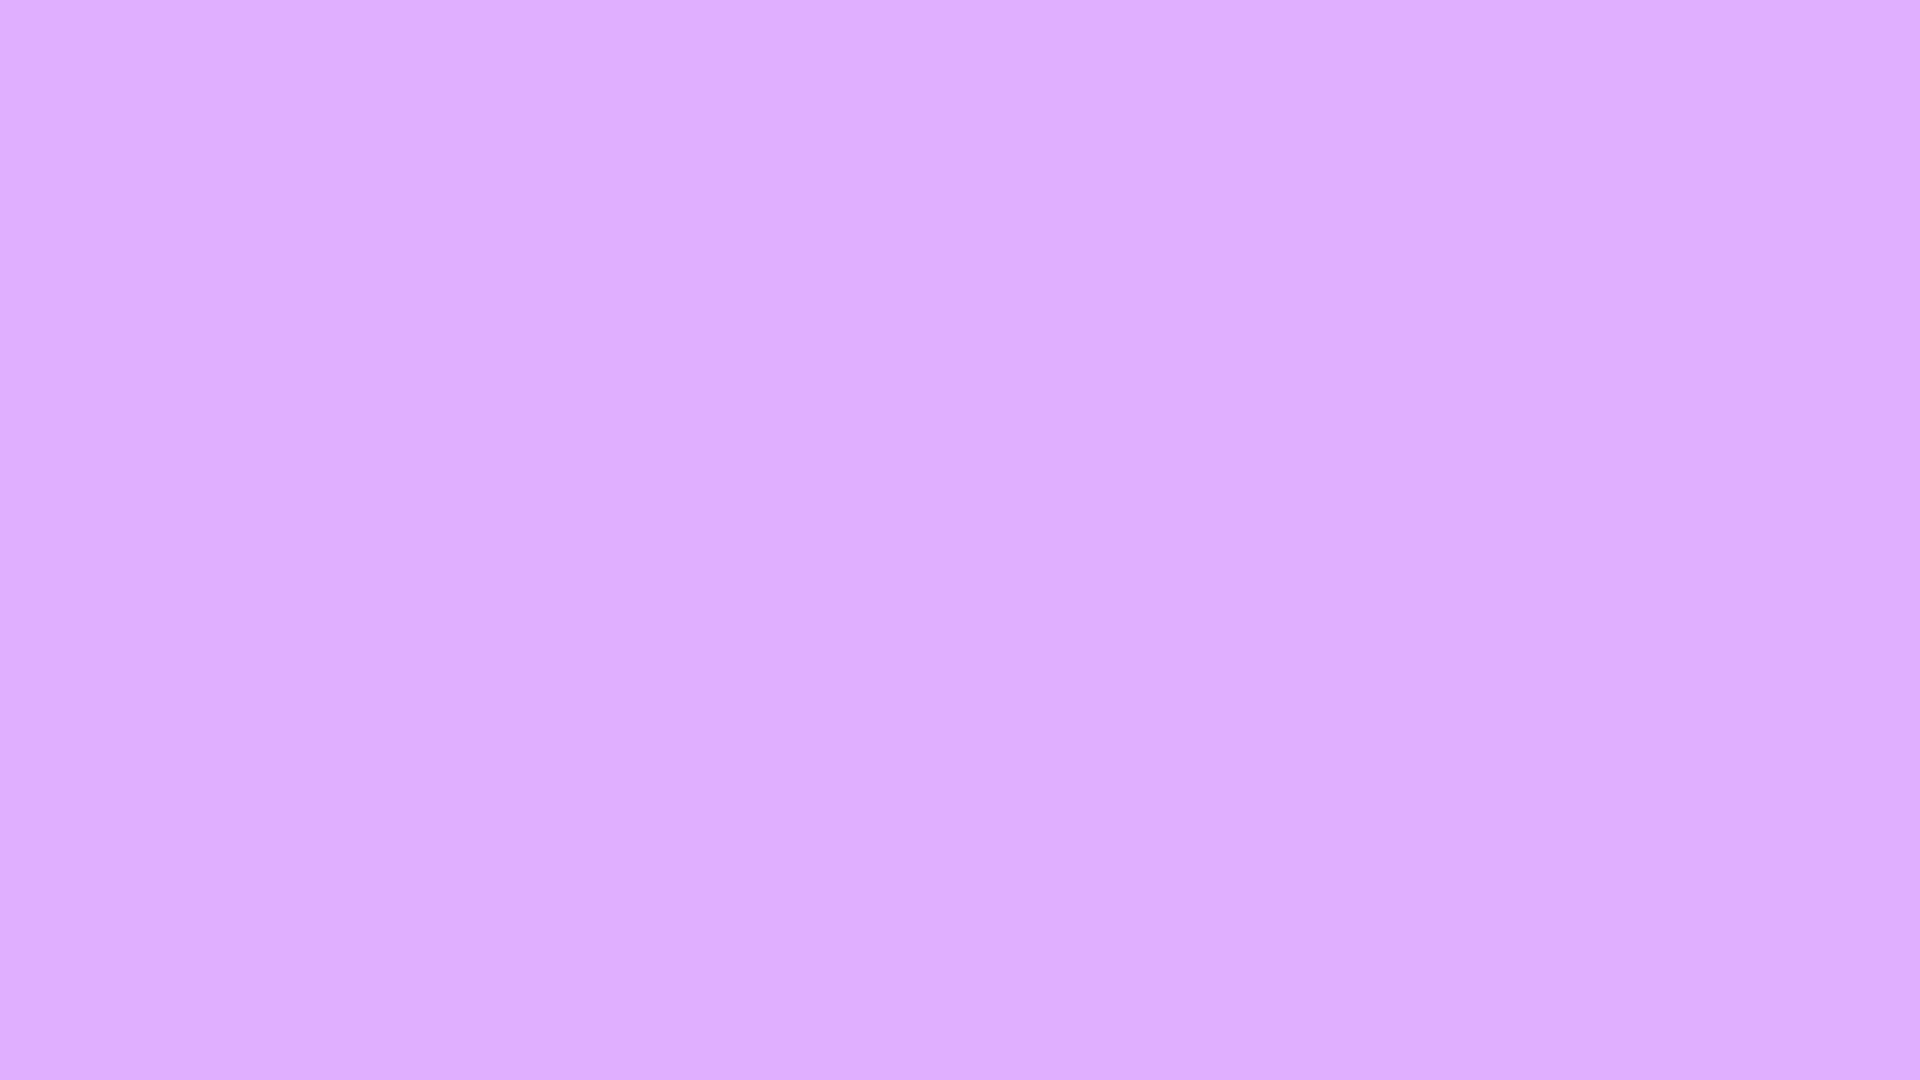 1920x1080 Mauve Solid Color Background